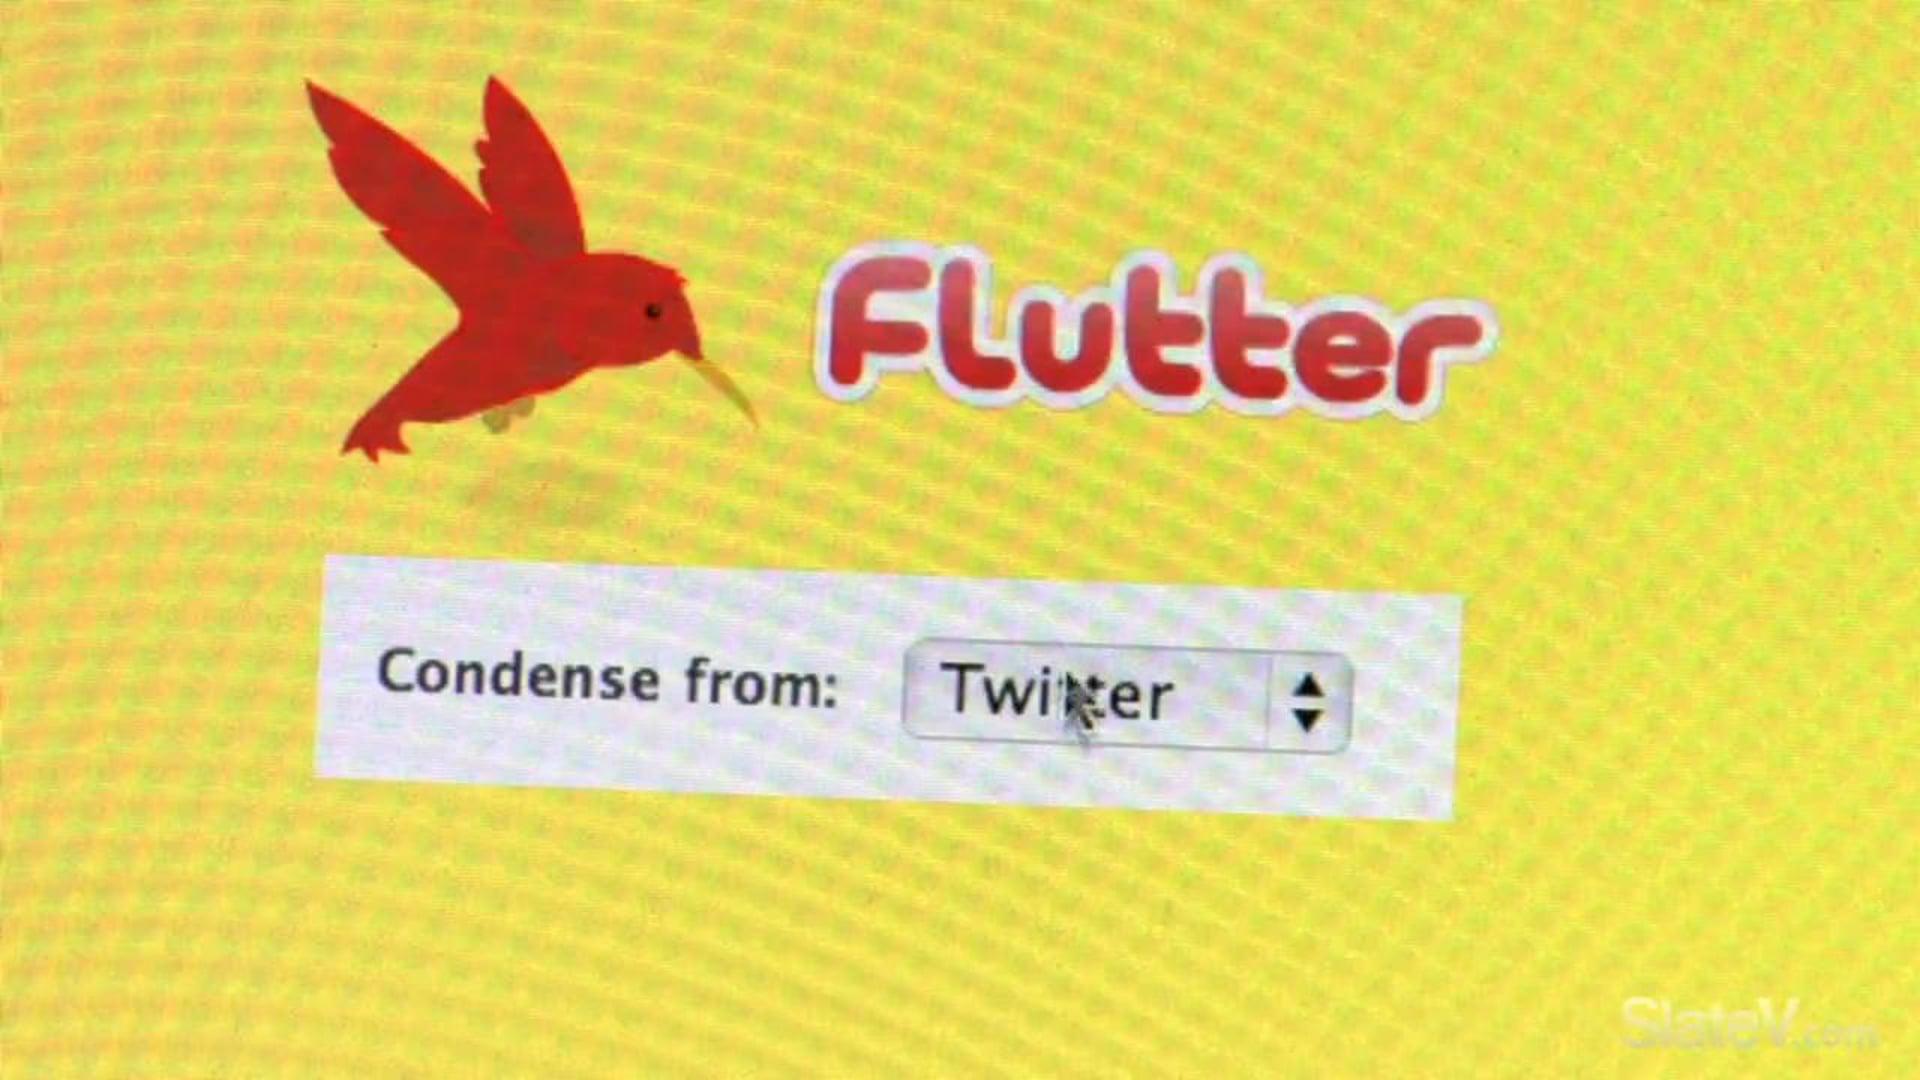 """Lucas Reel: """"Flutter: The New Twitter"""""""